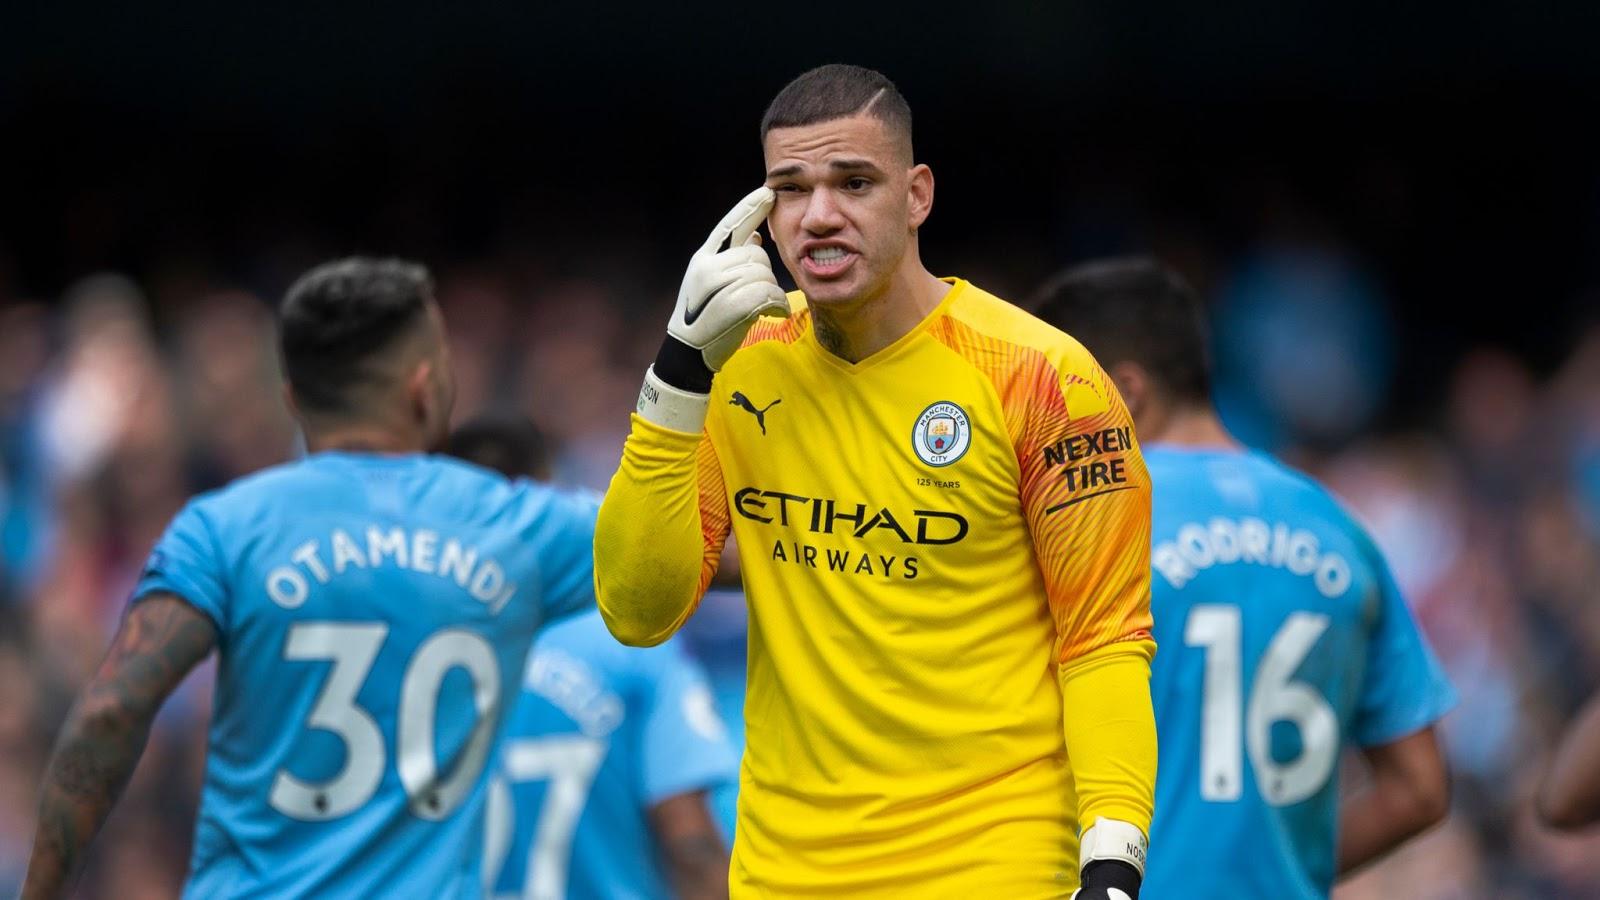 Ederson Santana de Moraes - Manchester City F.C.